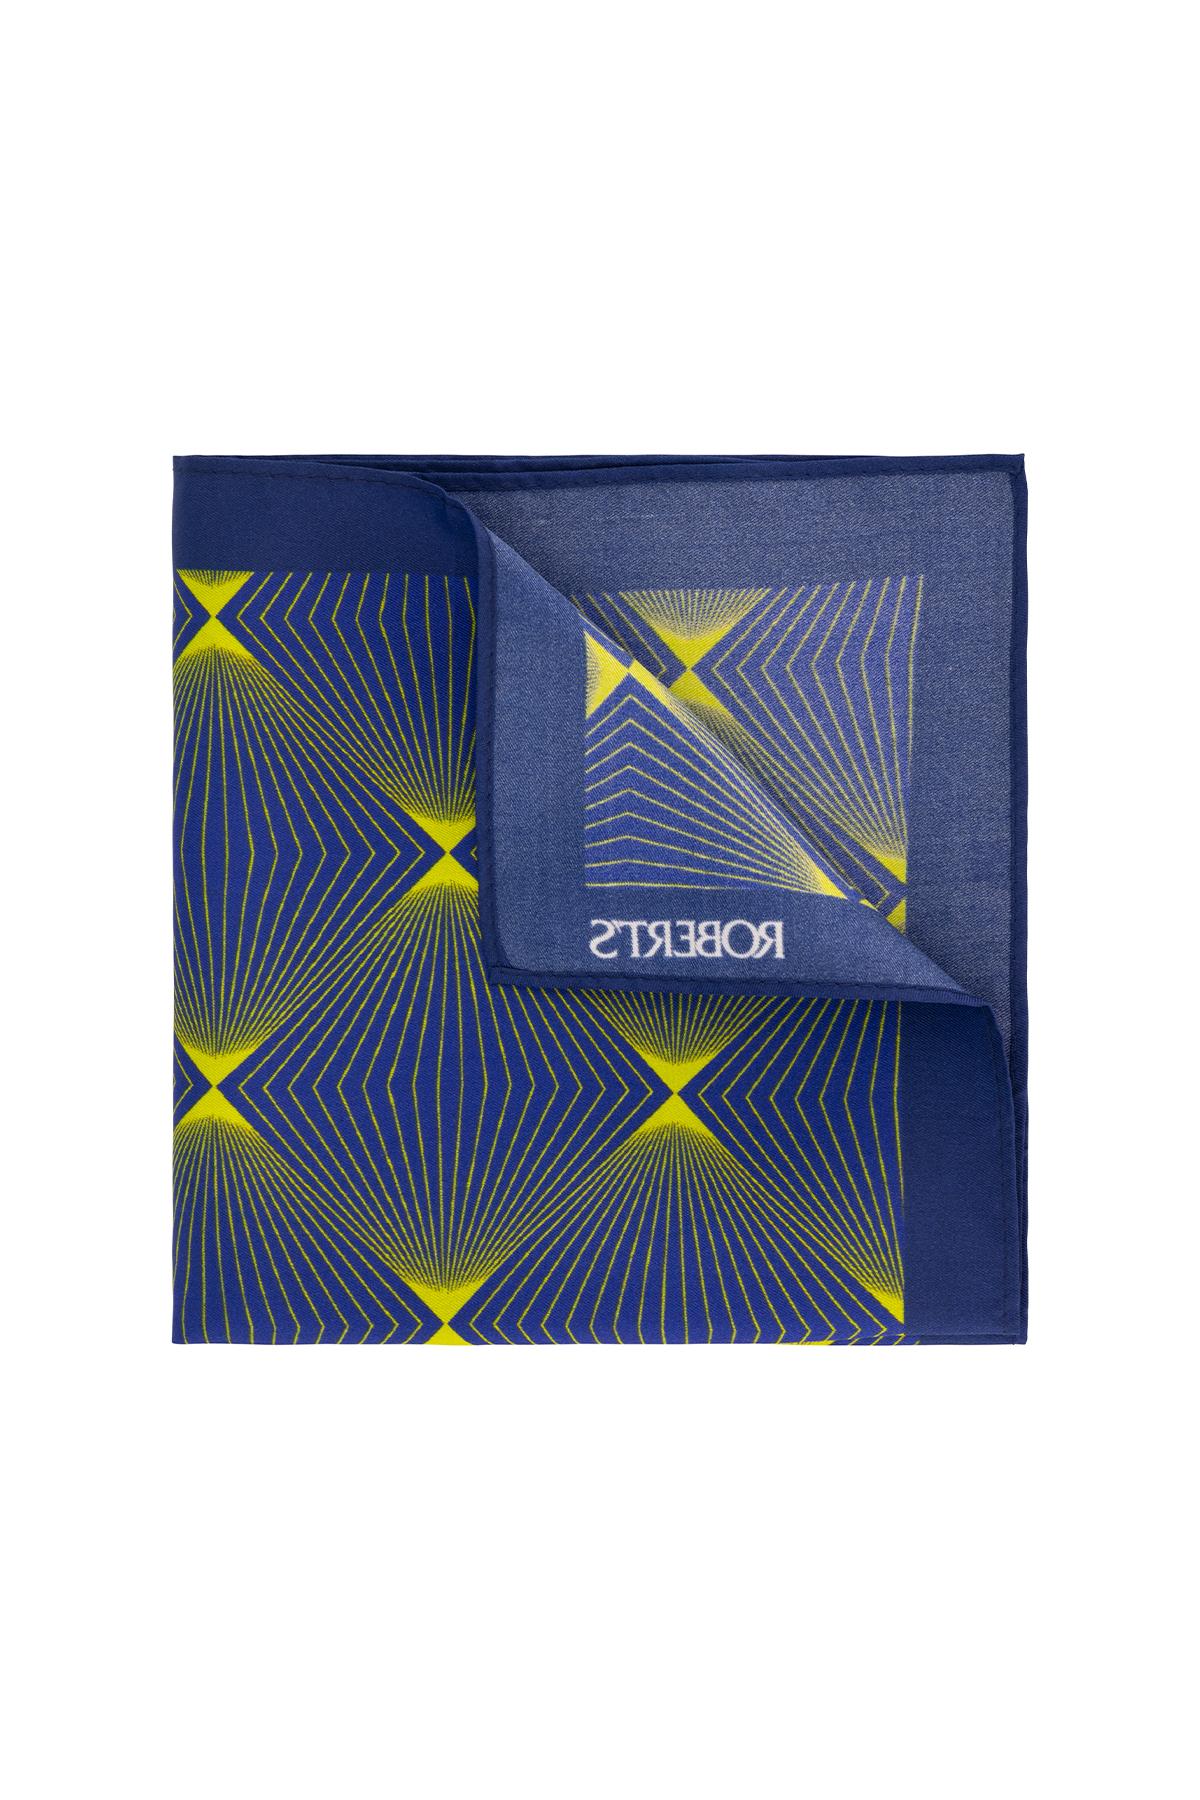 Pañuelo marca Robert´s color azul .